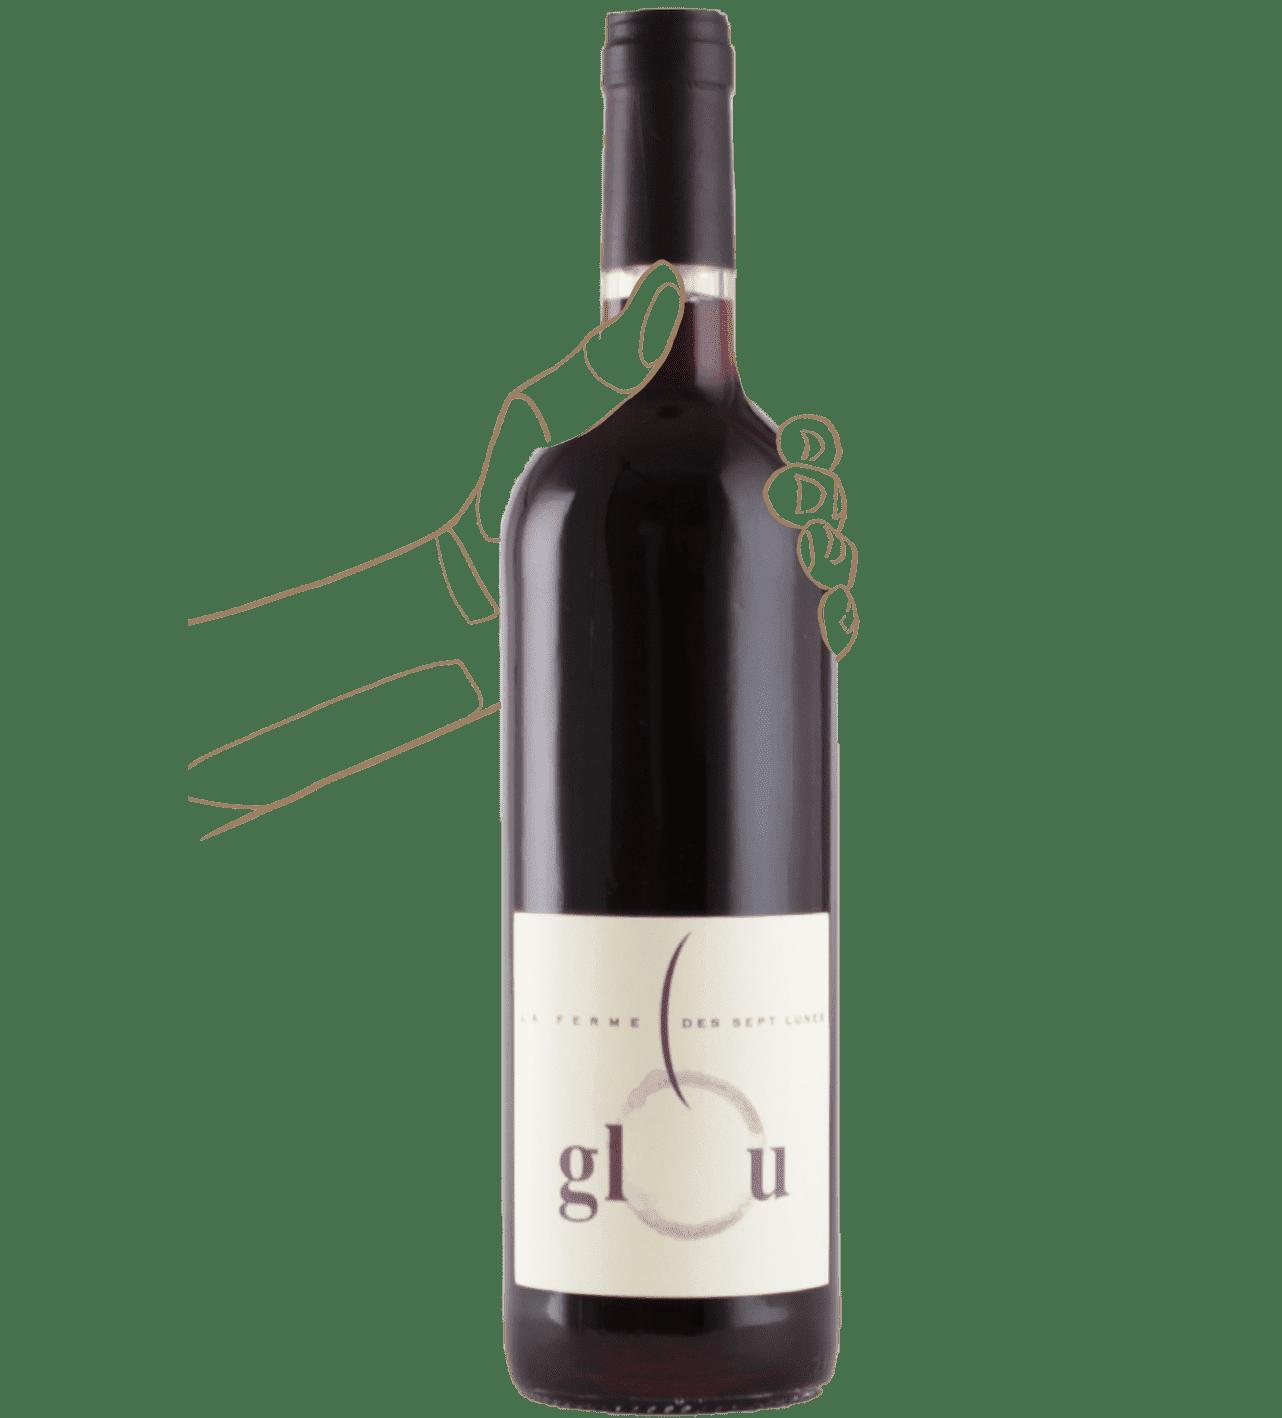 Glou de la ferme de 7 lunes est un vin nature